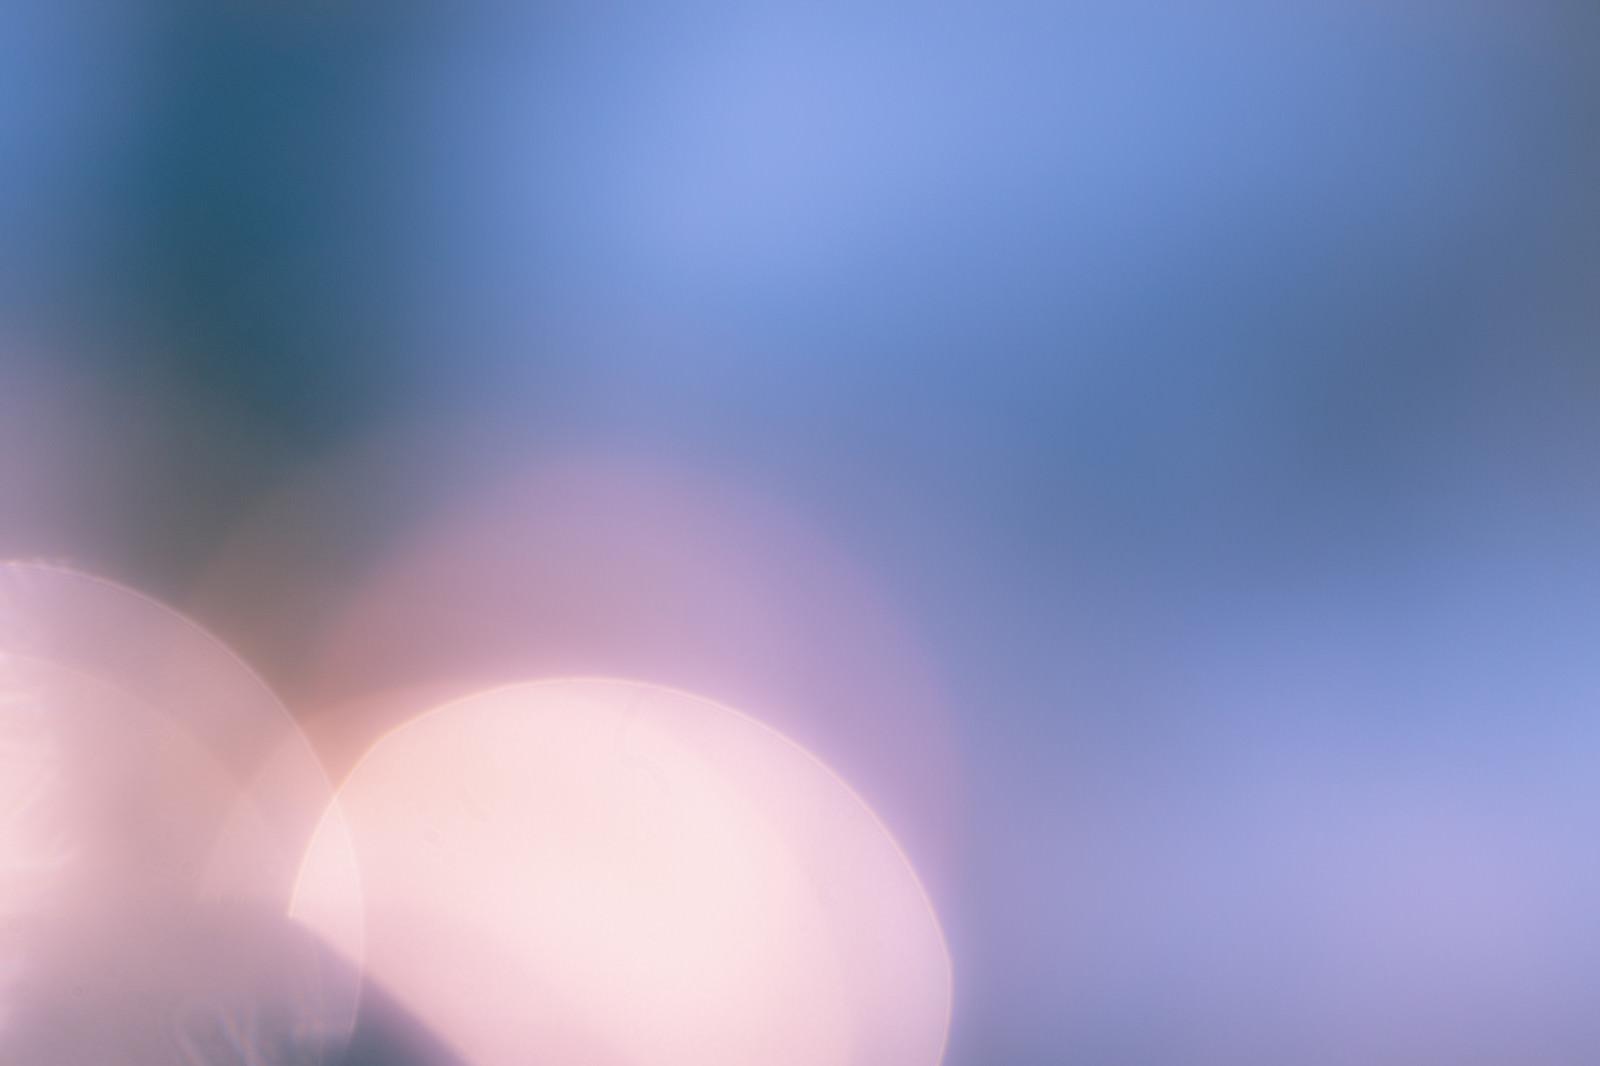 「重なる丸ボケの光」の写真